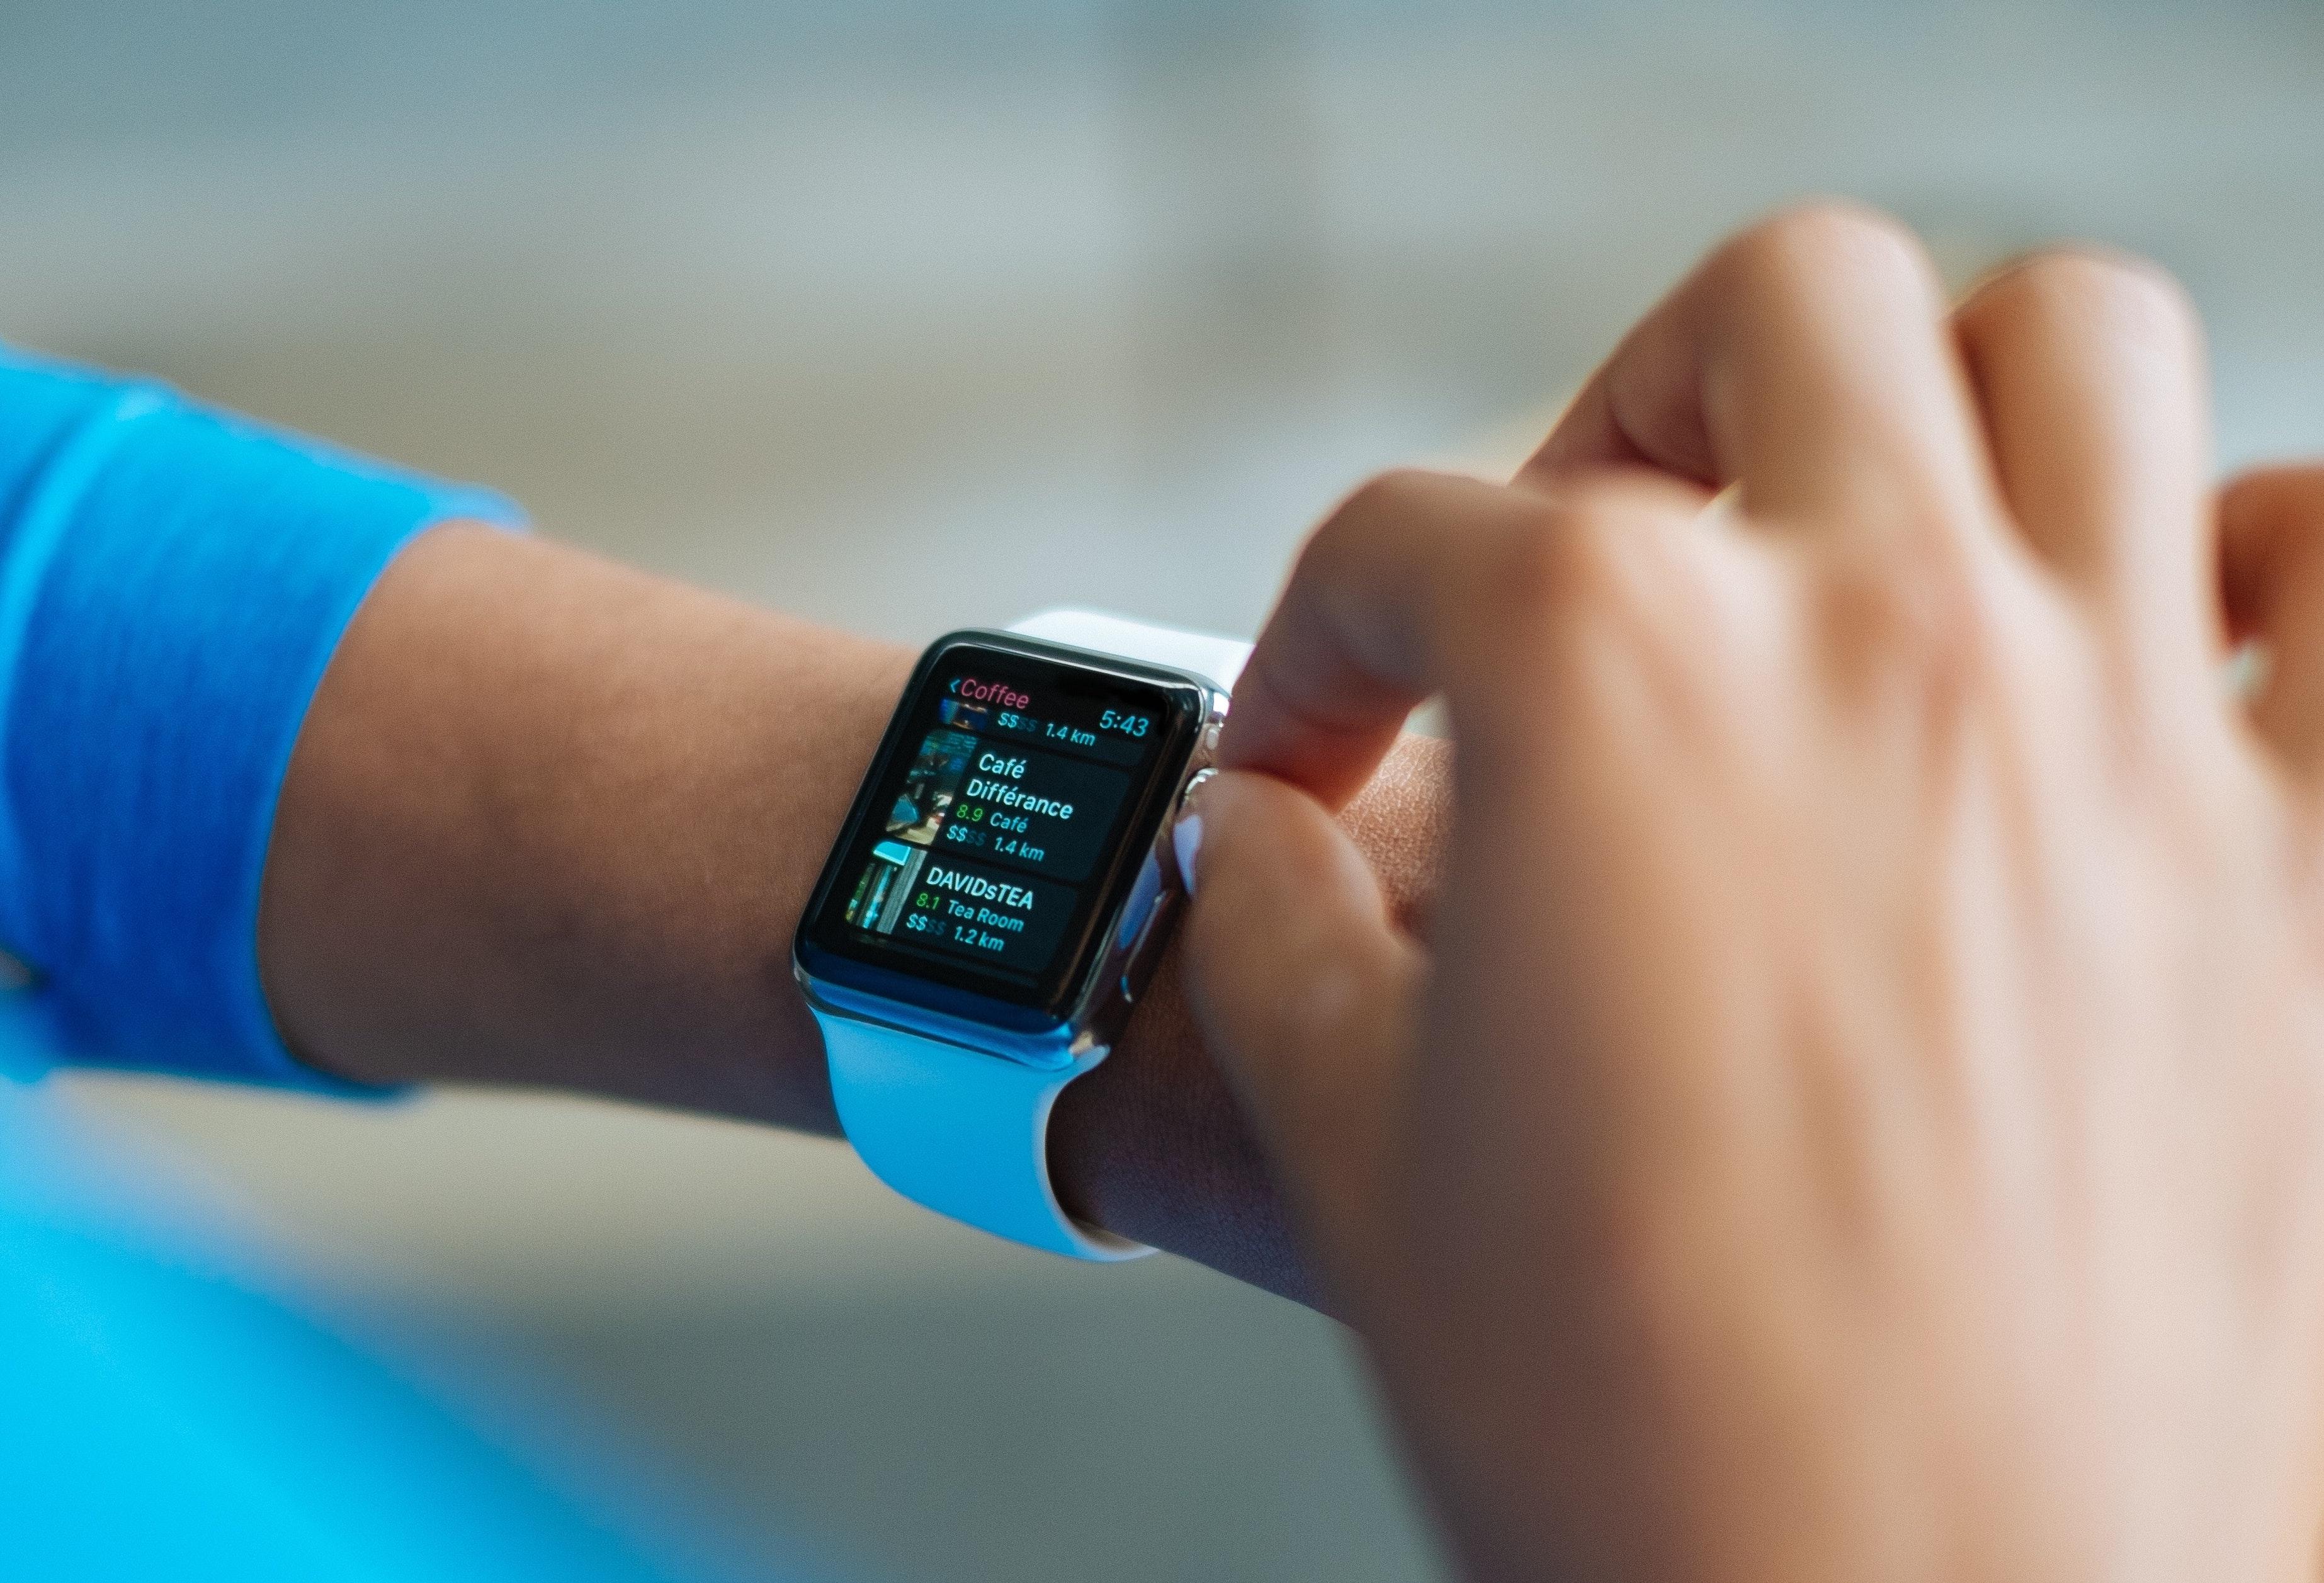 Les ventes d'Apple Watch en croissance continue, record anticipé pour 2019 1